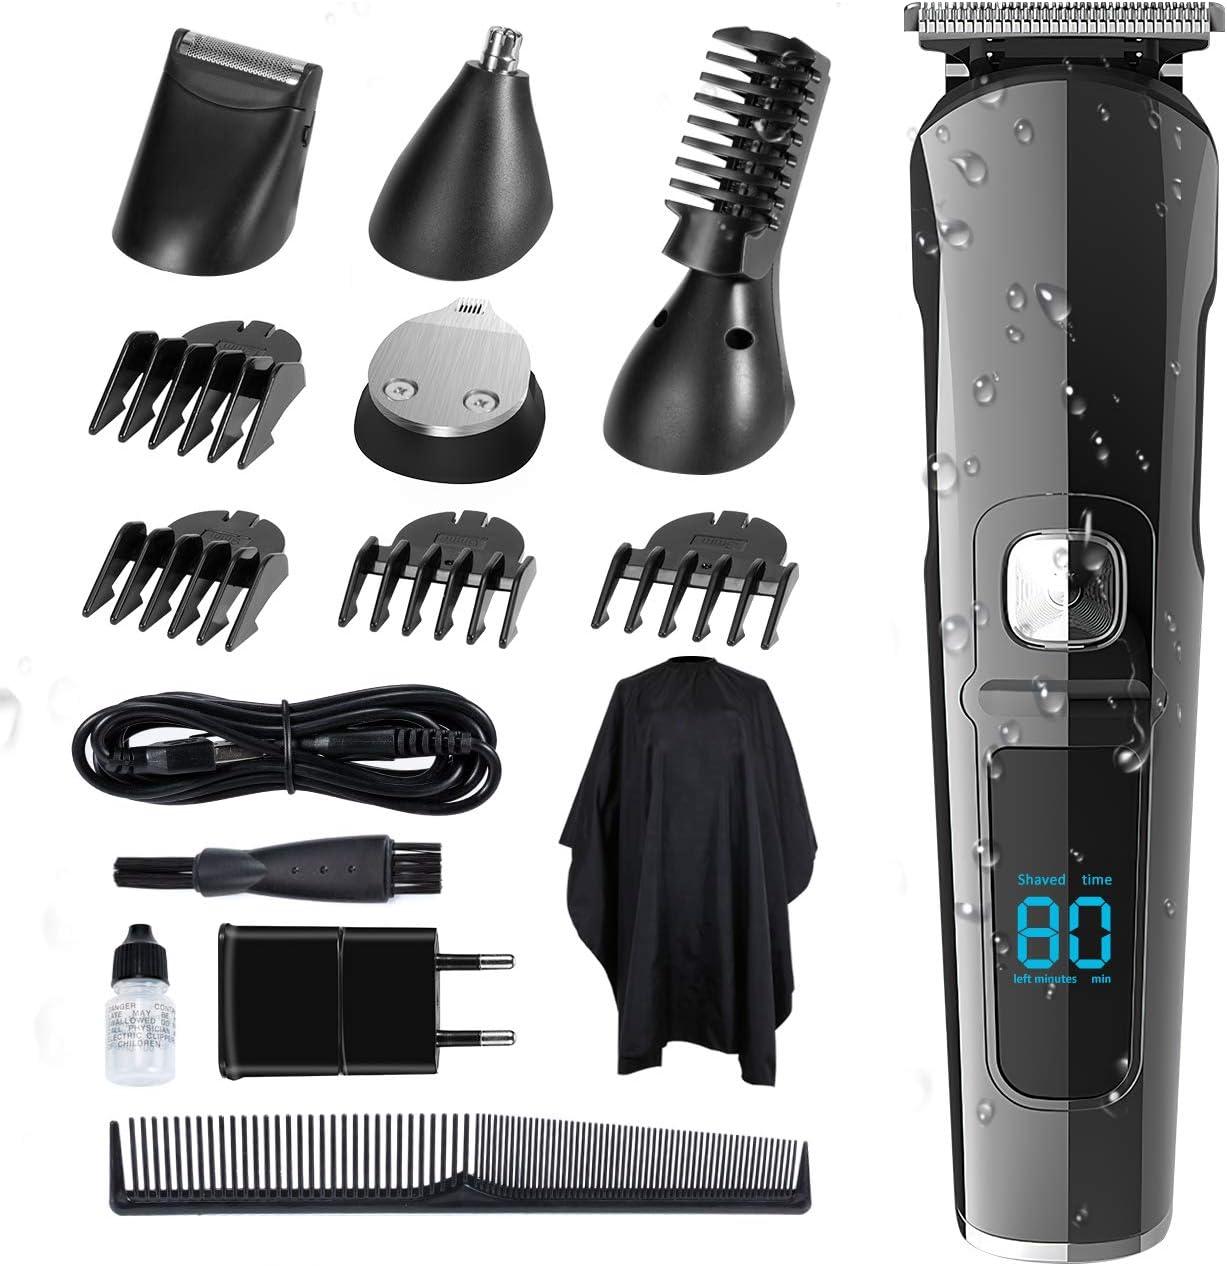 SUERW Maquina Cortar Pelo, 5 en 1 Cortapelos Hombre de Precisión para Hombres Cortadora para Hombres Maquina de Afeitar, Pantalla LED, 4 * Accesorios de Peine